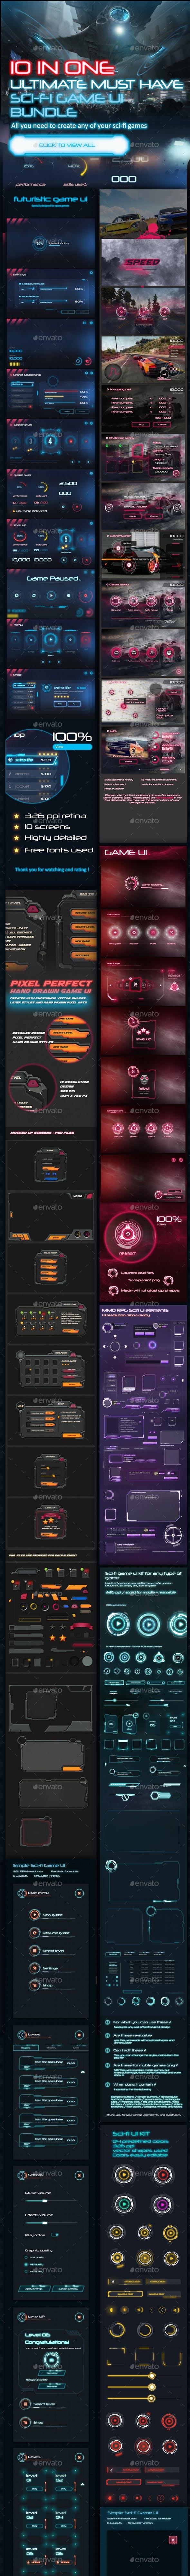 10 in 1 Ultimate Sci-Fi UI Bundle